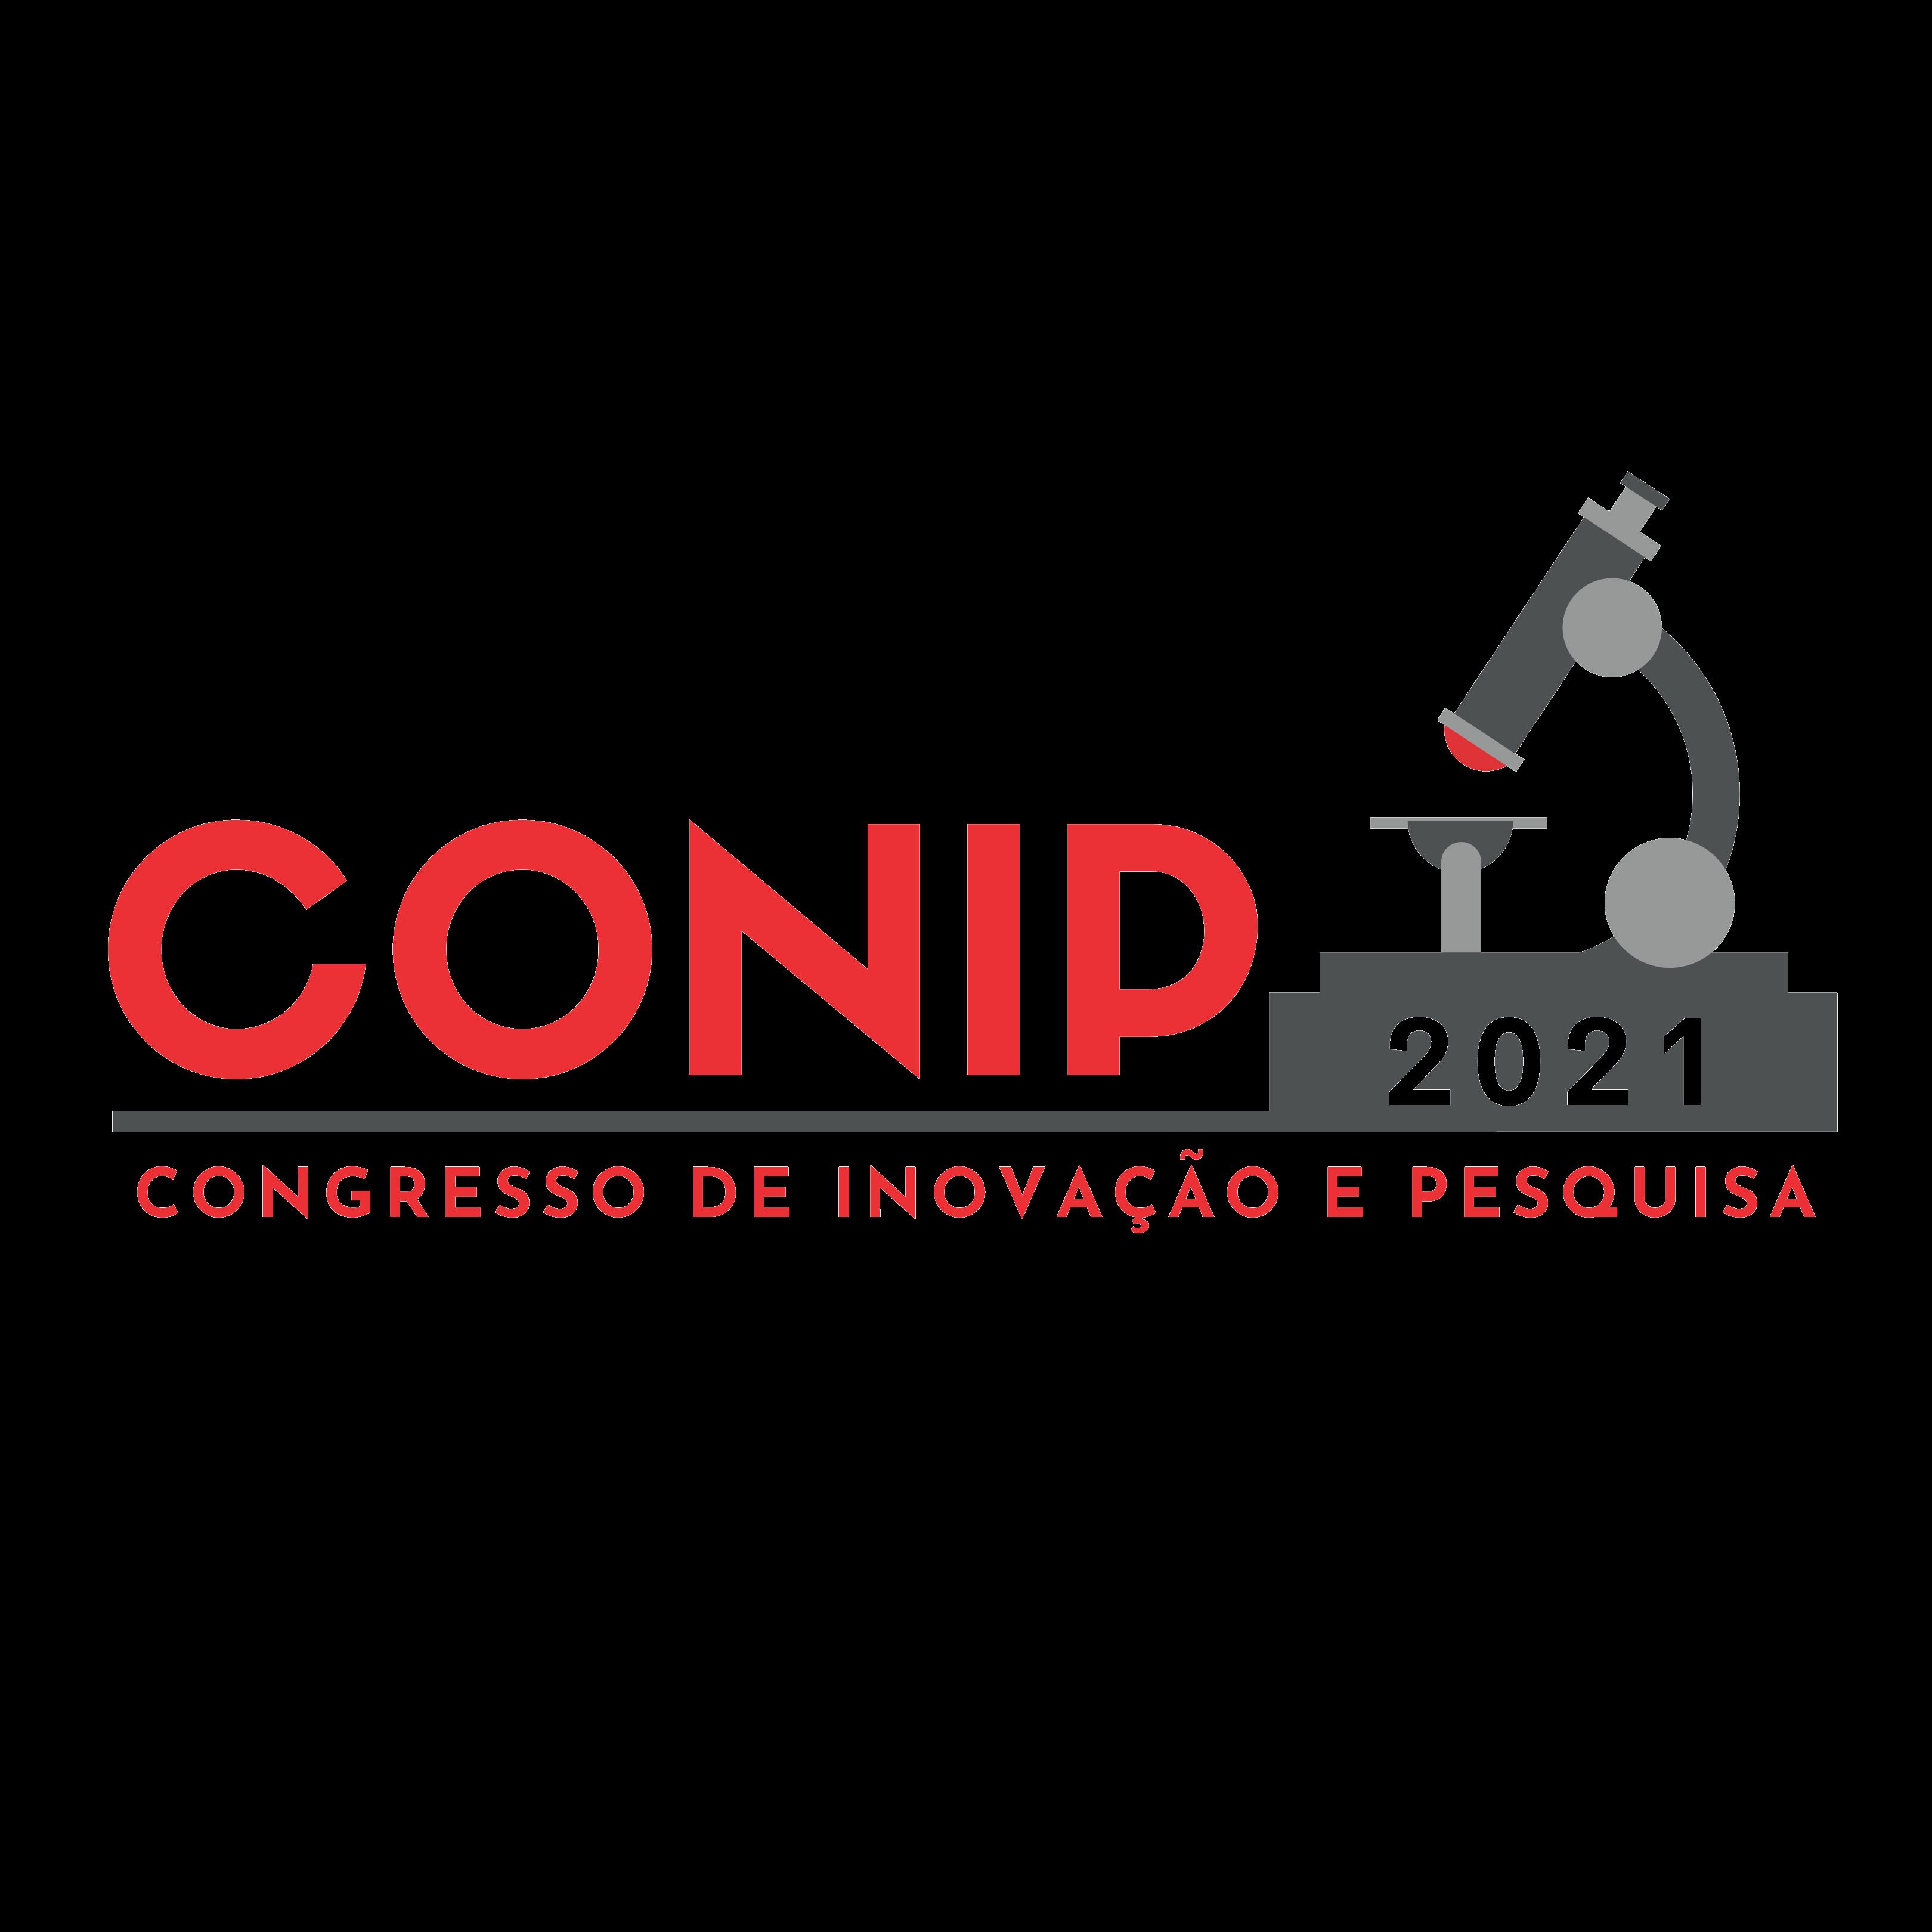 CONIP 2021 Colorido